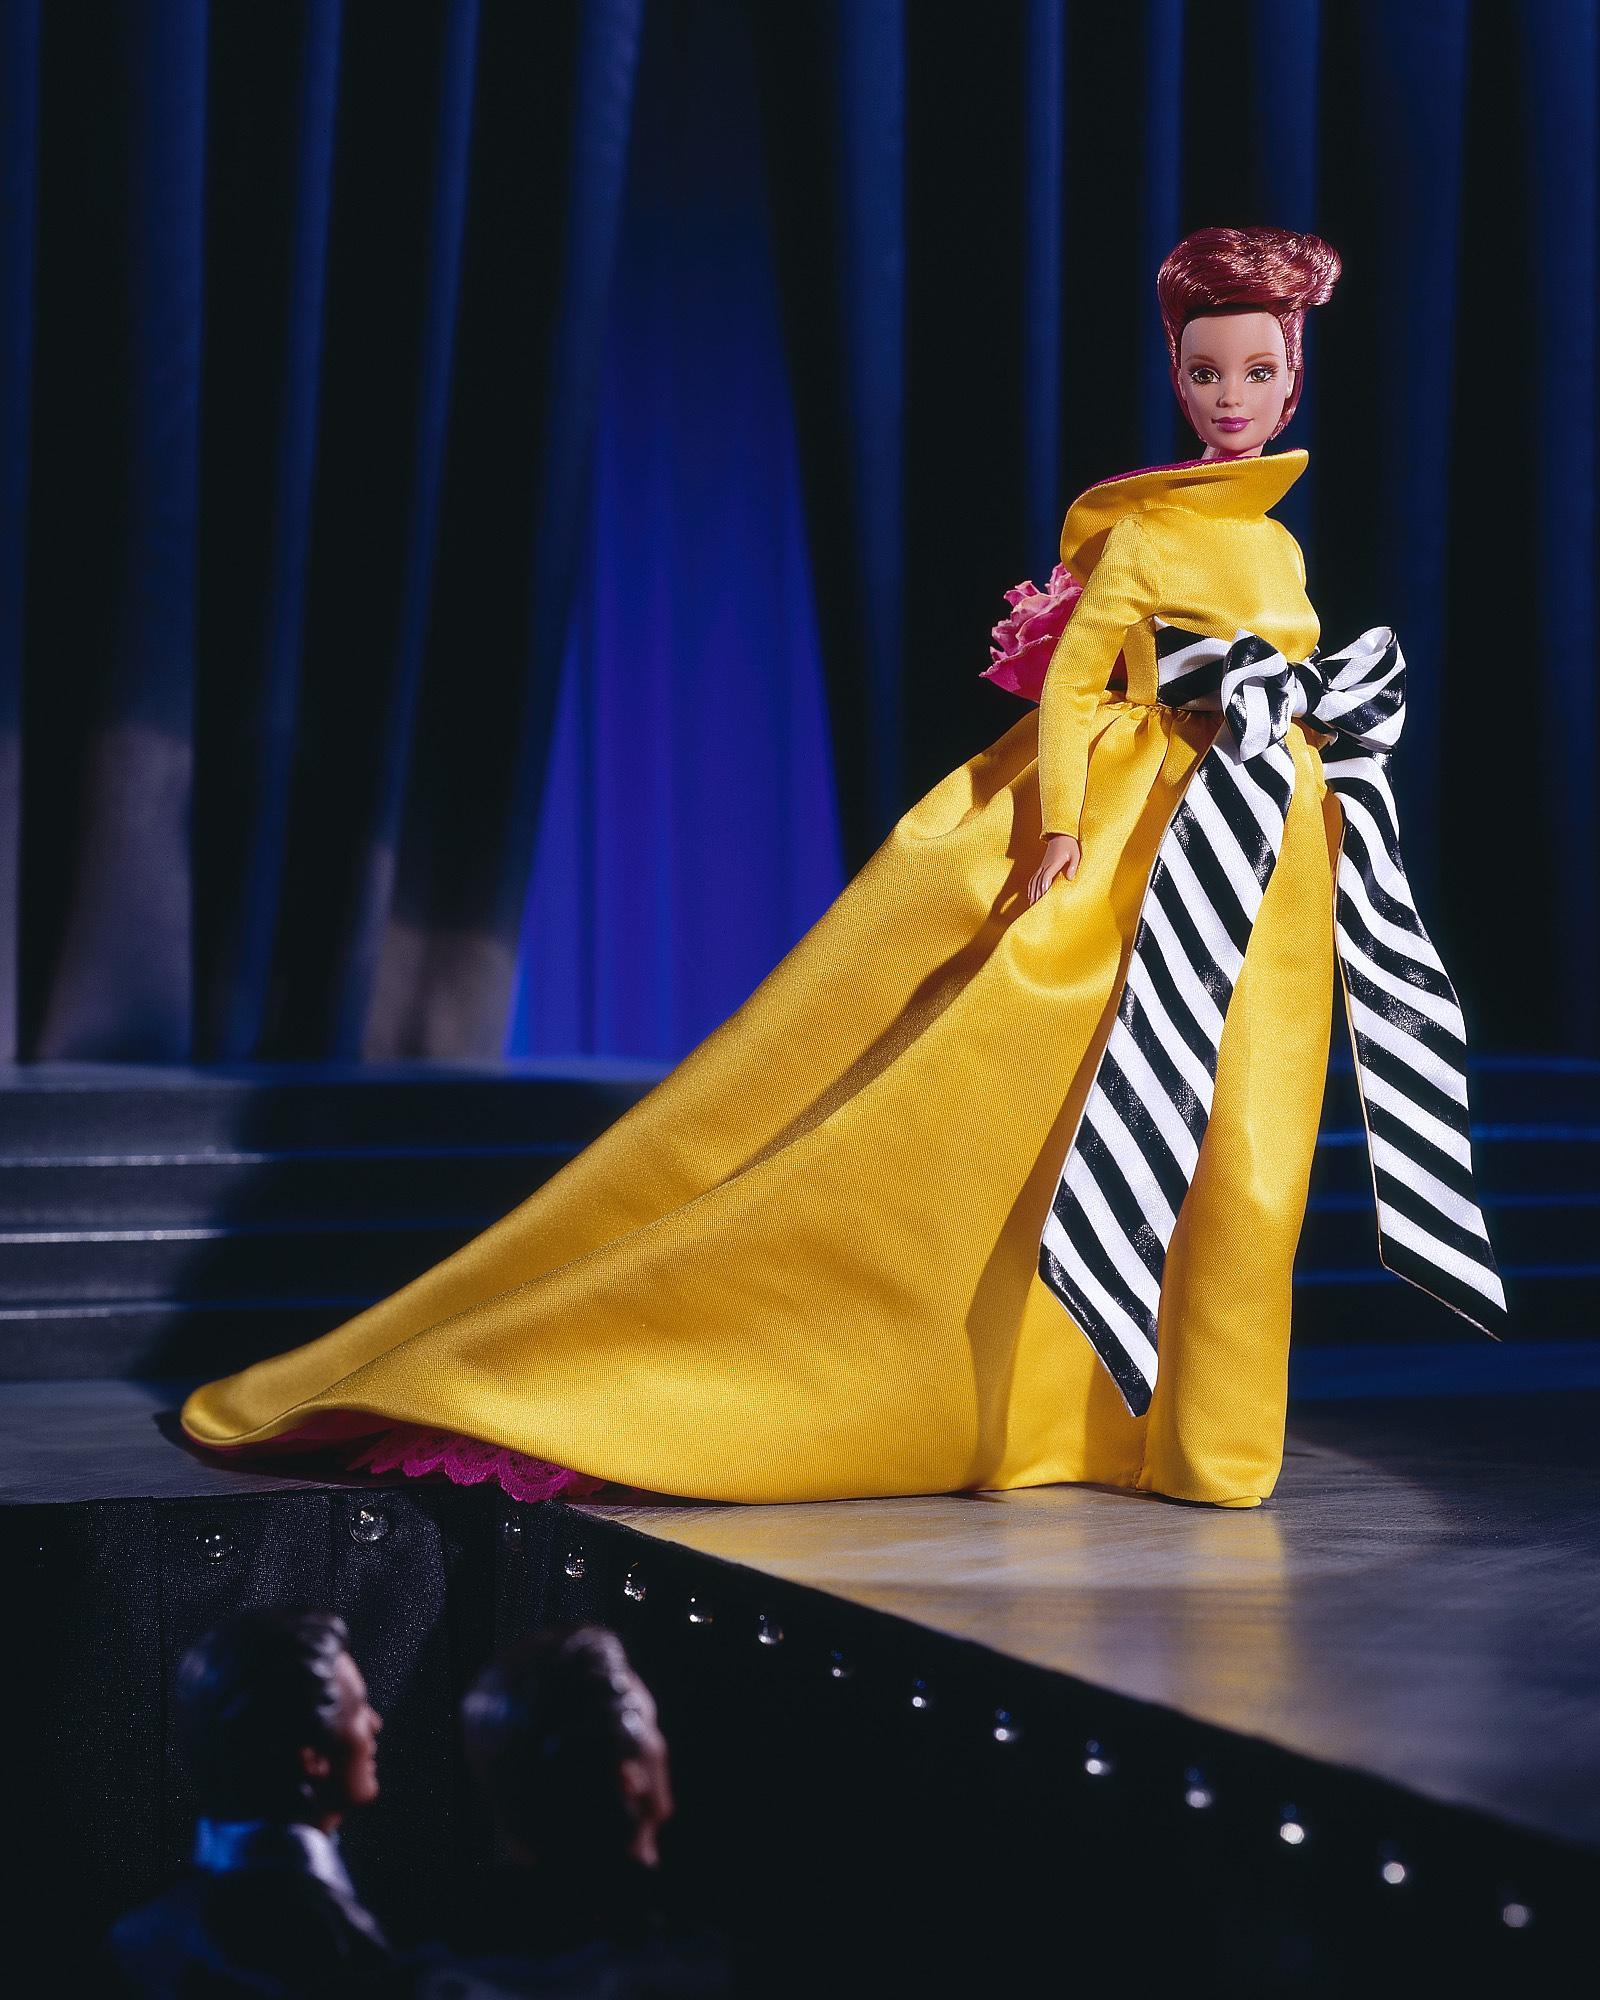 The Bill Blass Barbie Doll, released in 1997.